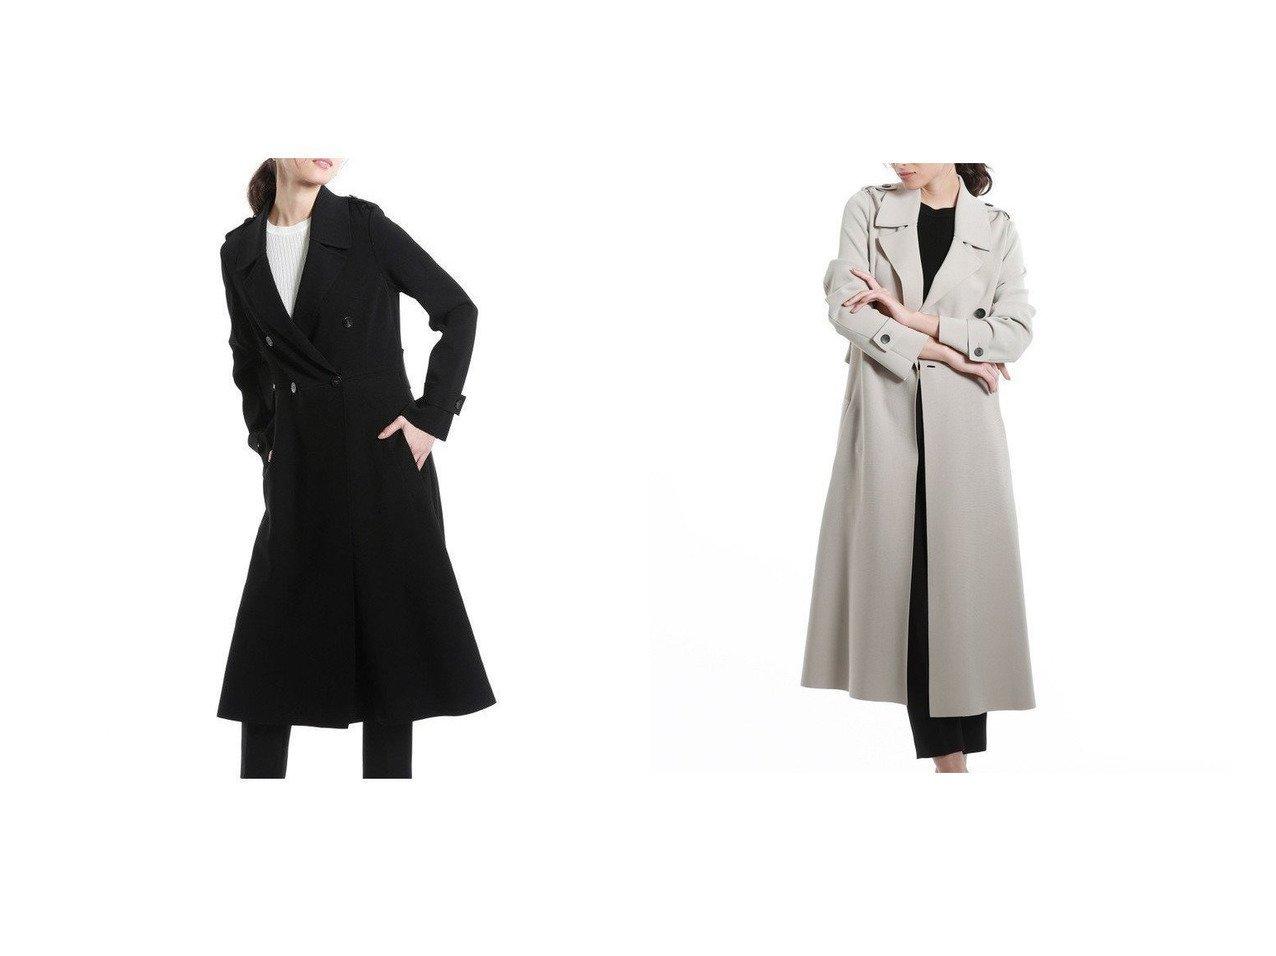 【EPOCA/エポカ】のビックカラーコート 【アウター】おすすめ!人気、トレンド・レディースファッションの通販 おすすめで人気の流行・トレンド、ファッションの通販商品 メンズファッション・キッズファッション・インテリア・家具・レディースファッション・服の通販 founy(ファニー) https://founy.com/ ファッション Fashion レディースファッション WOMEN アウター Coat Outerwear コート Coats ミラノリブ |ID:crp329100000032422